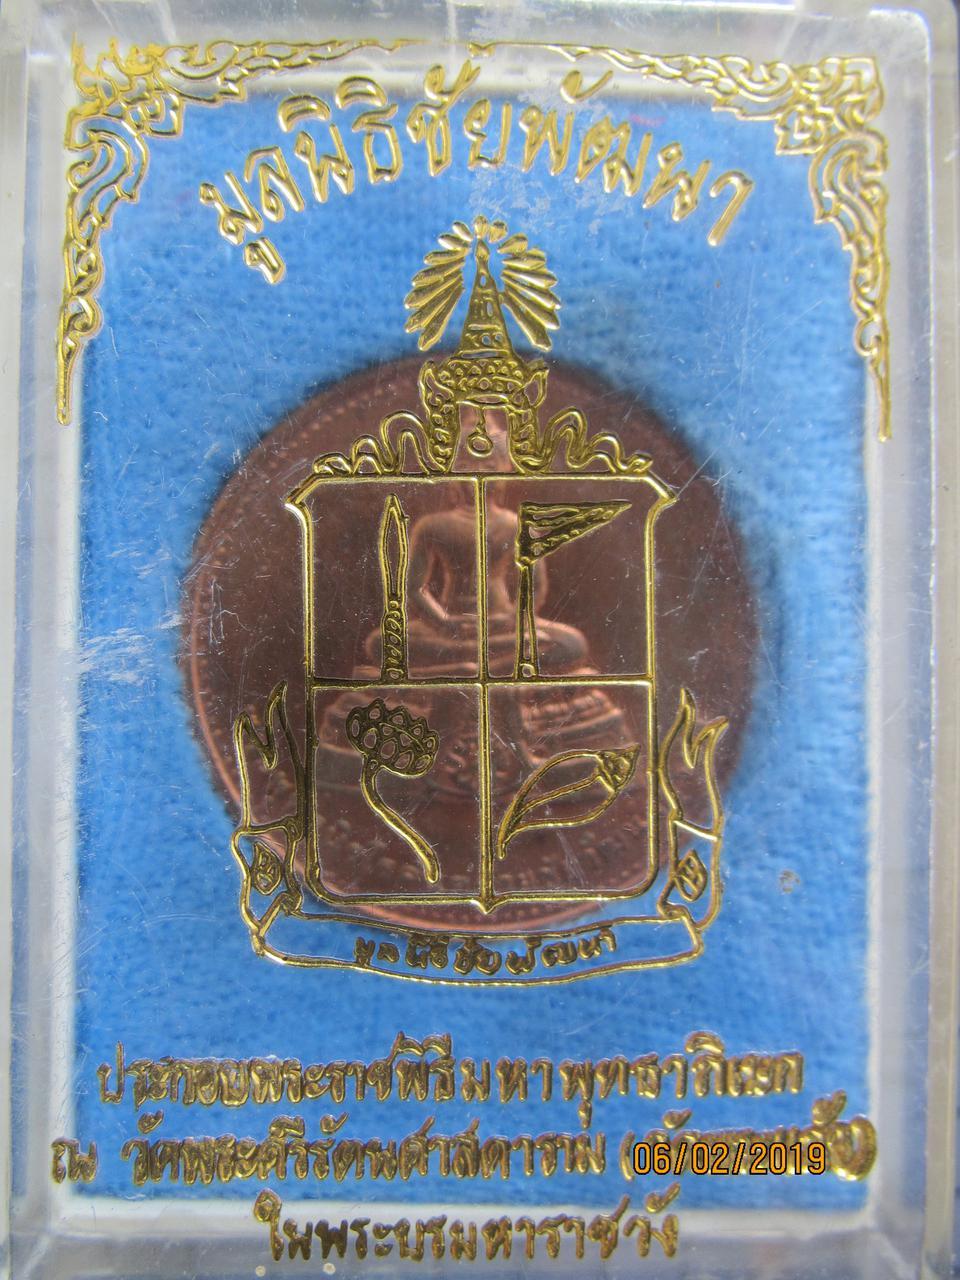 5252 เหรียญพระพุทธนิรโรคันตรายชัยวัฒน์จตุรทิศ วัดมงคลพัฒนา รูปที่ 1